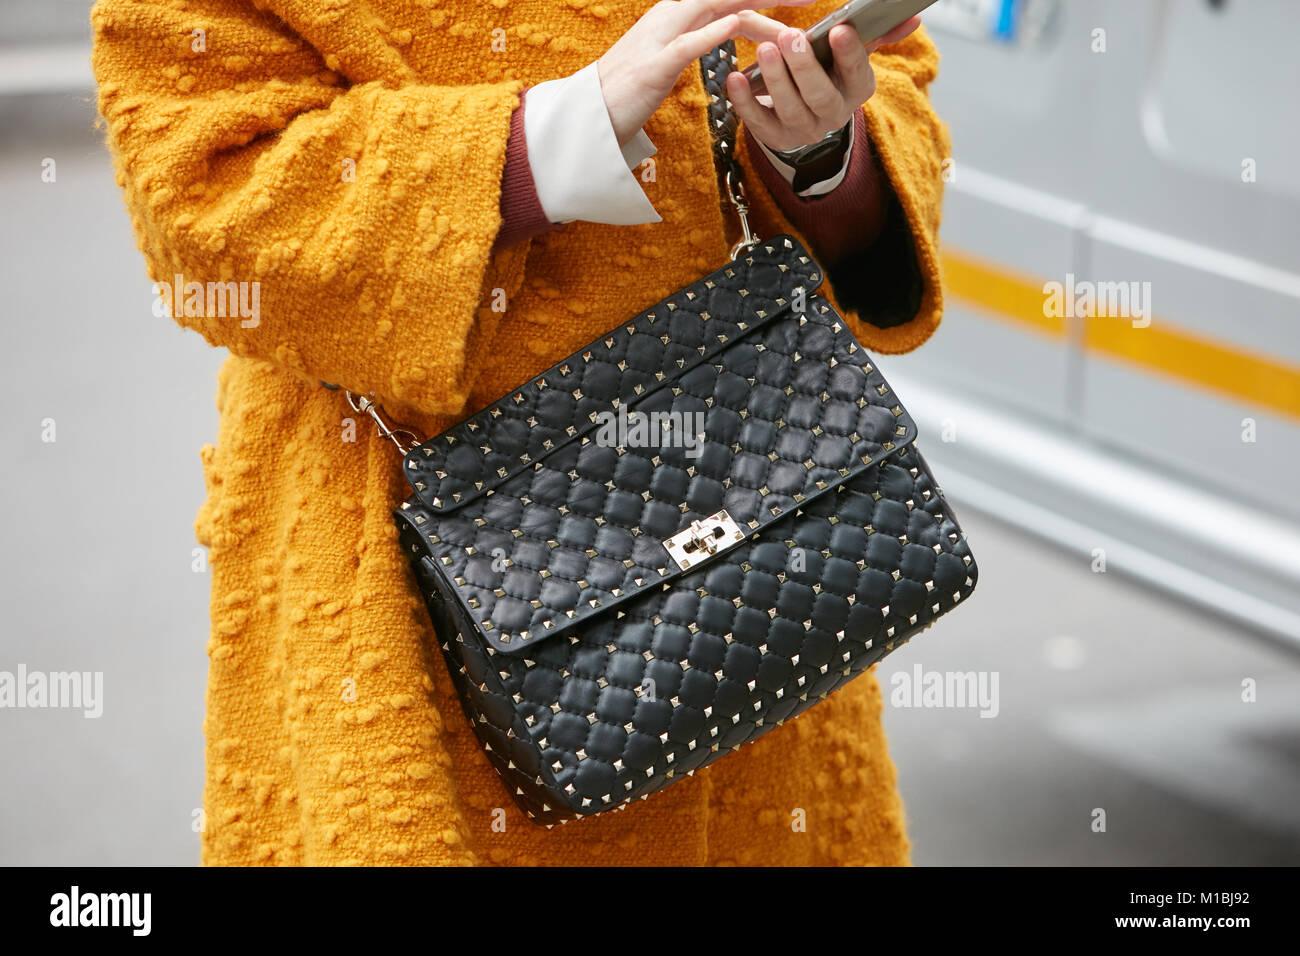 0815cc73c0cf MILAN - janvier 15   Femme avec sac en cuir noir avec clous en or jaune